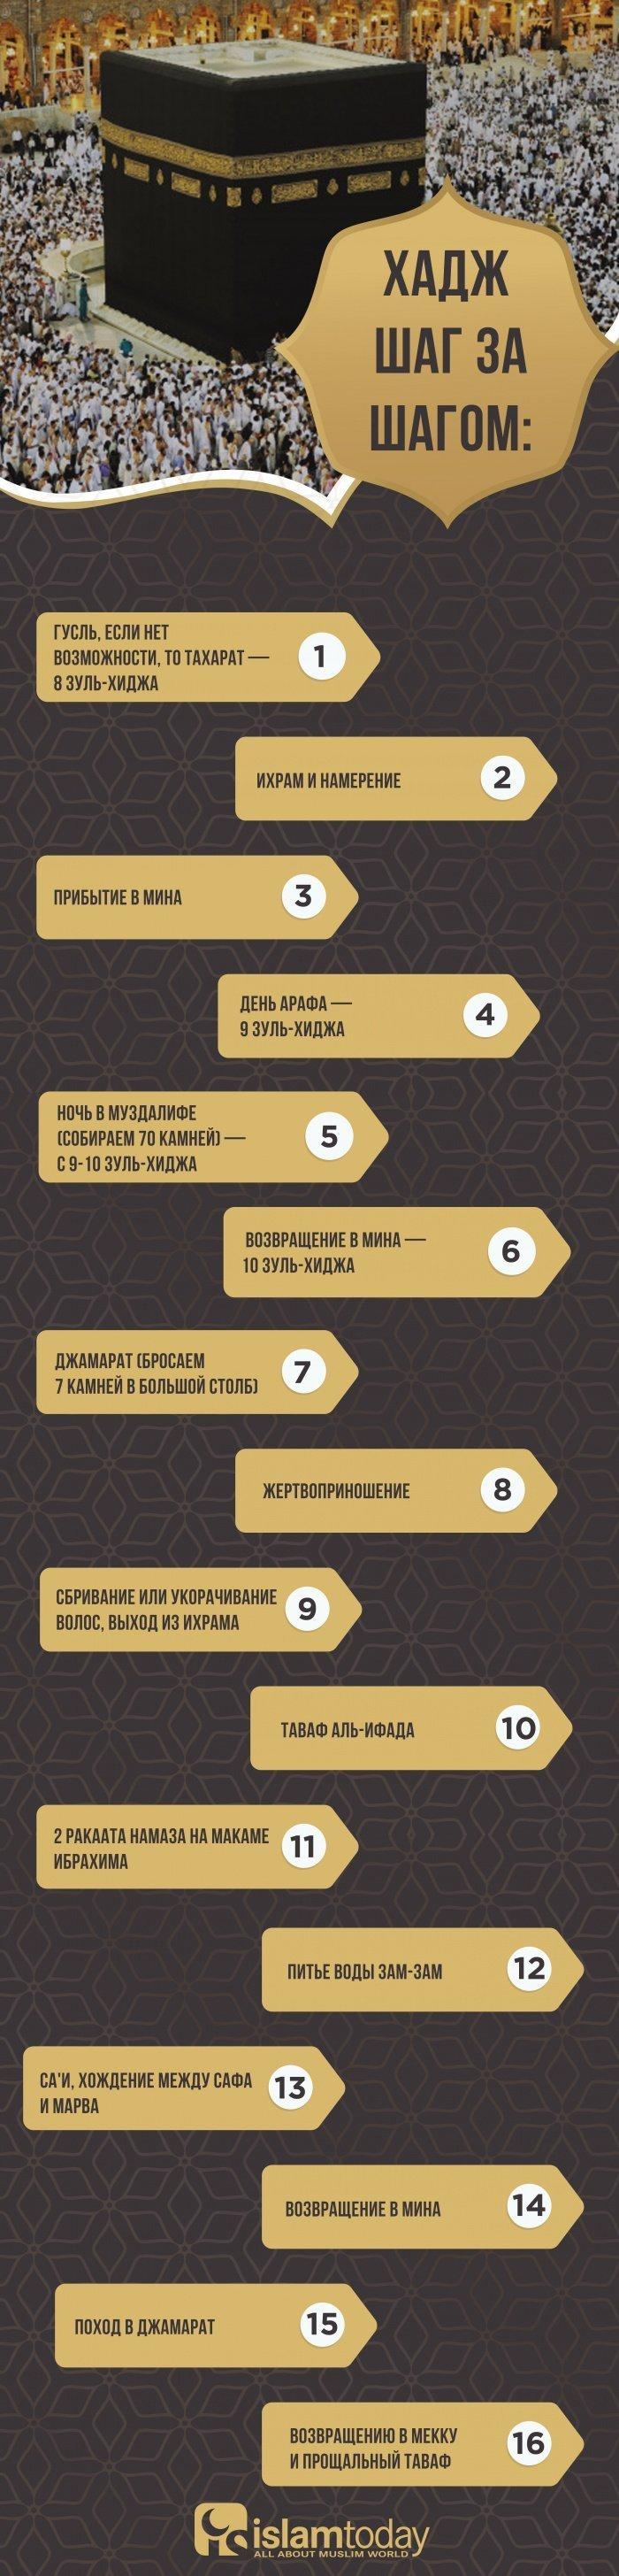 Инфографика: об основных действиях хаджа в одной картинке